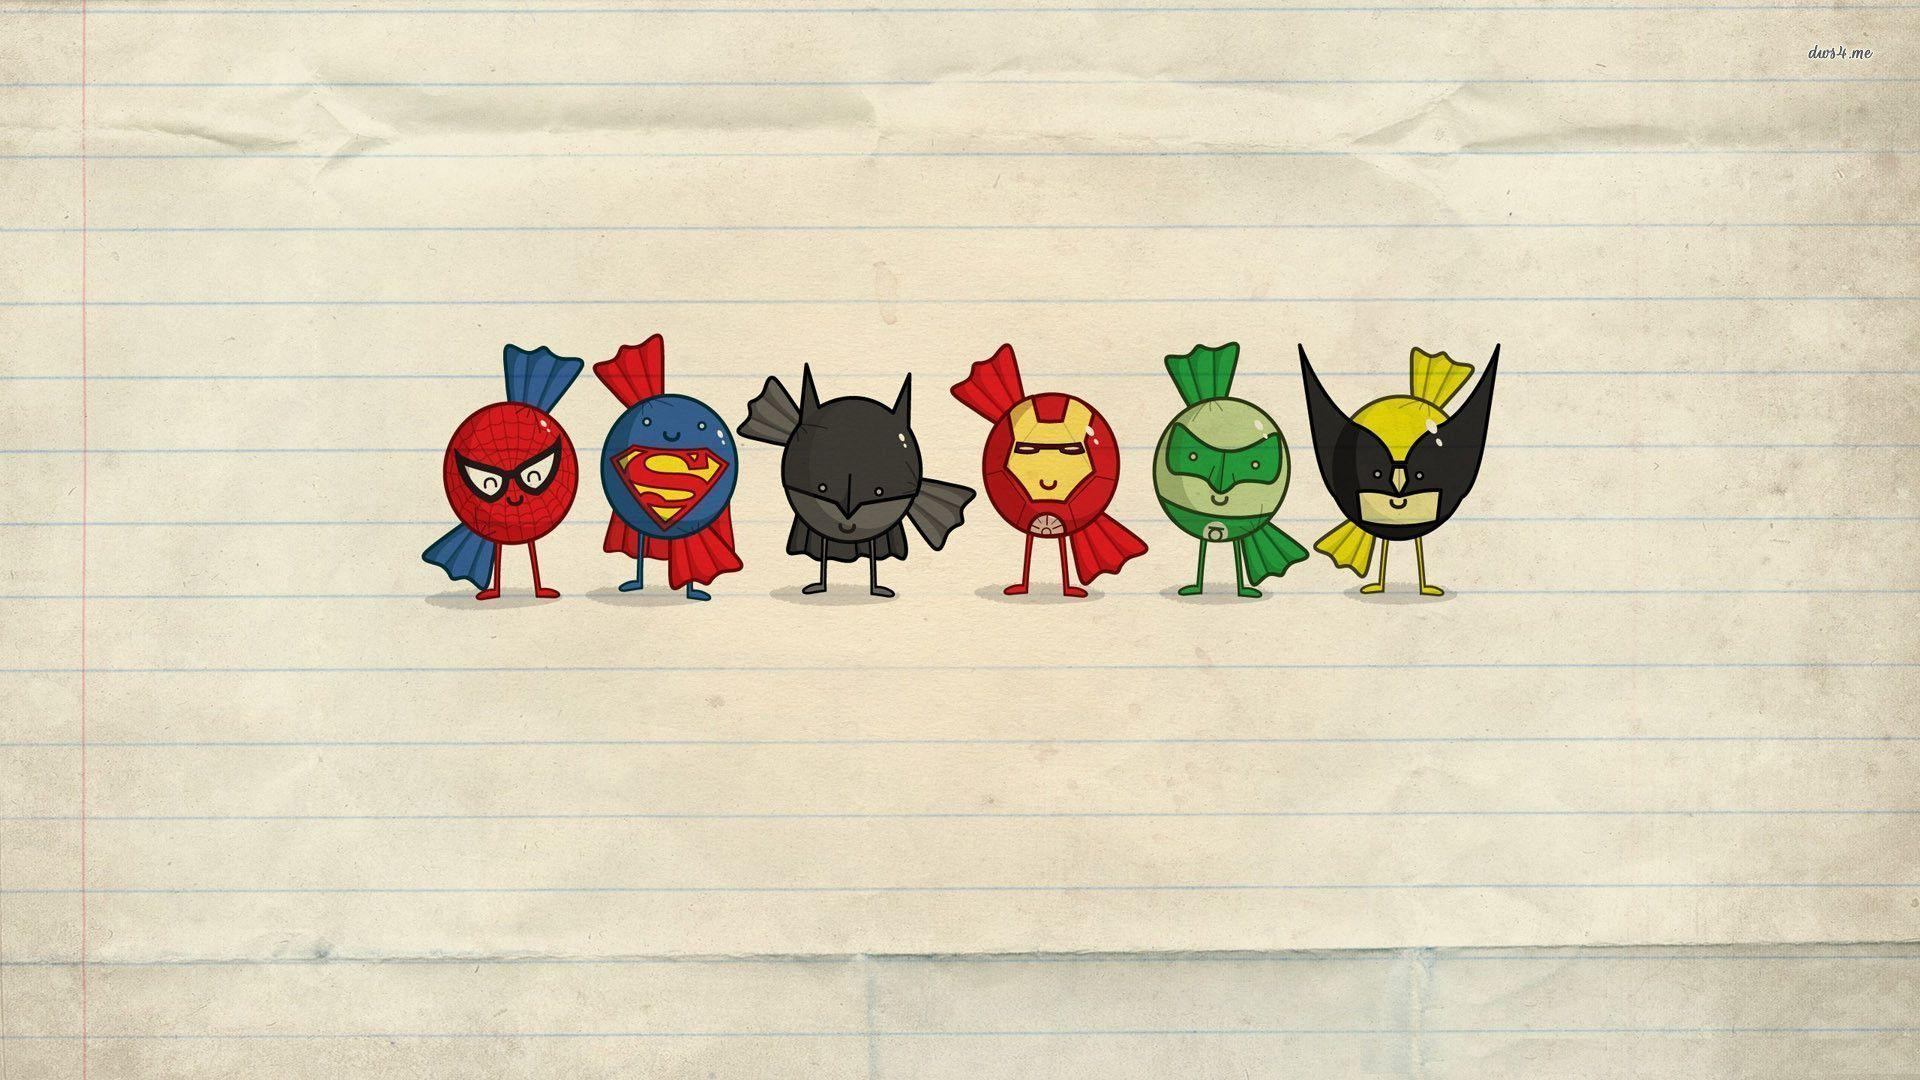 Free Superhero Wallpapers - Wallpaper Cave